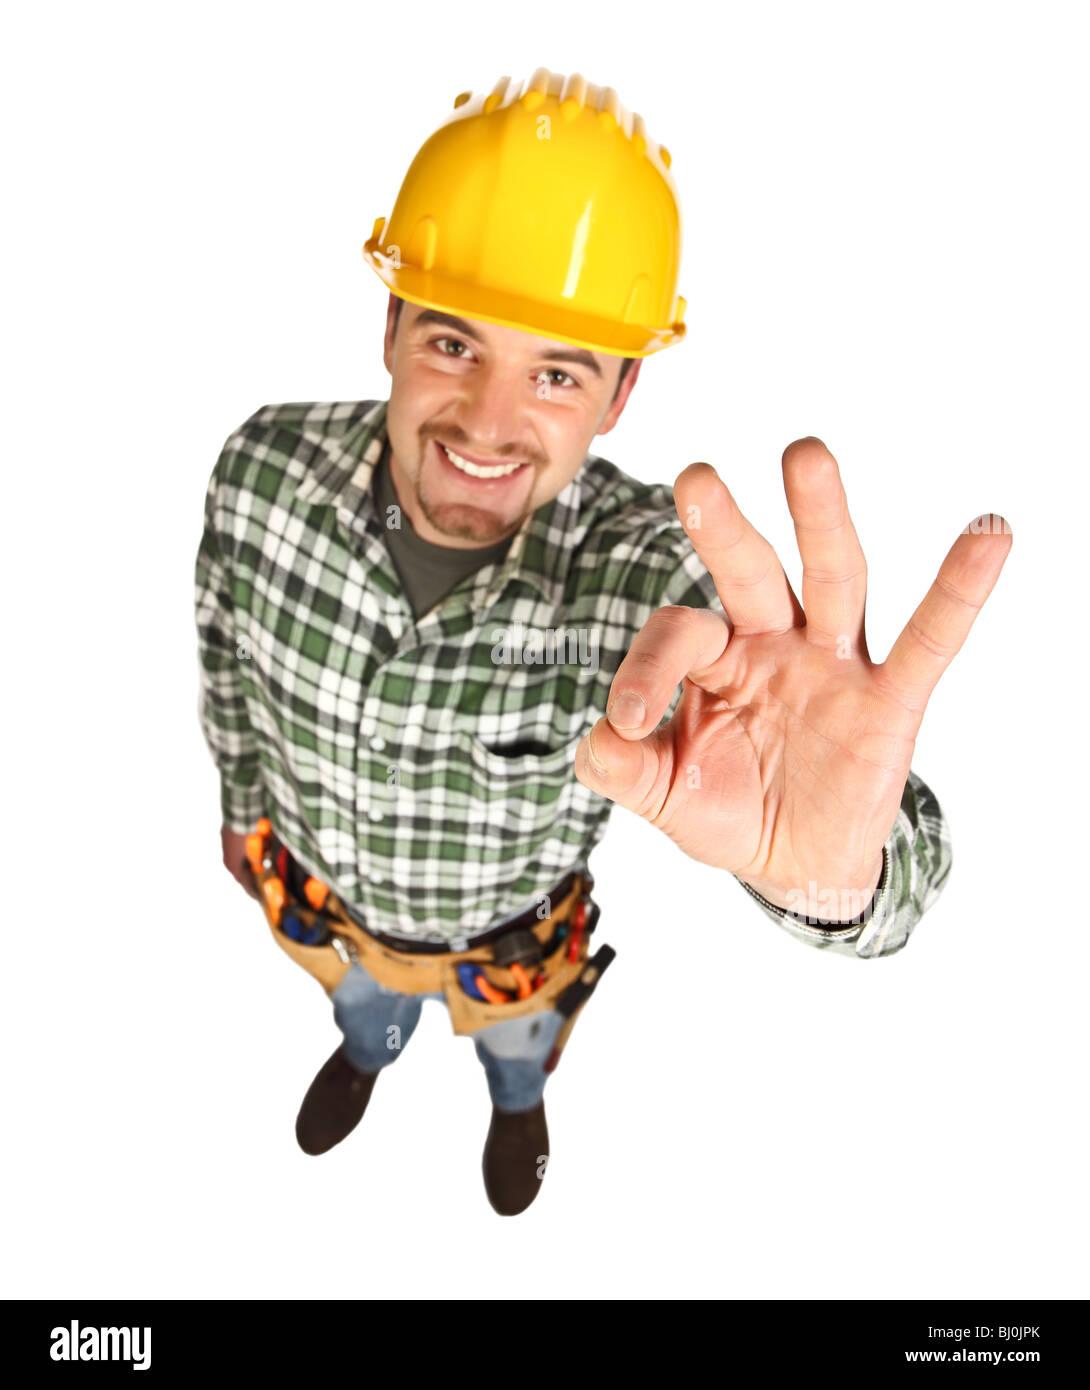 Bj handyman